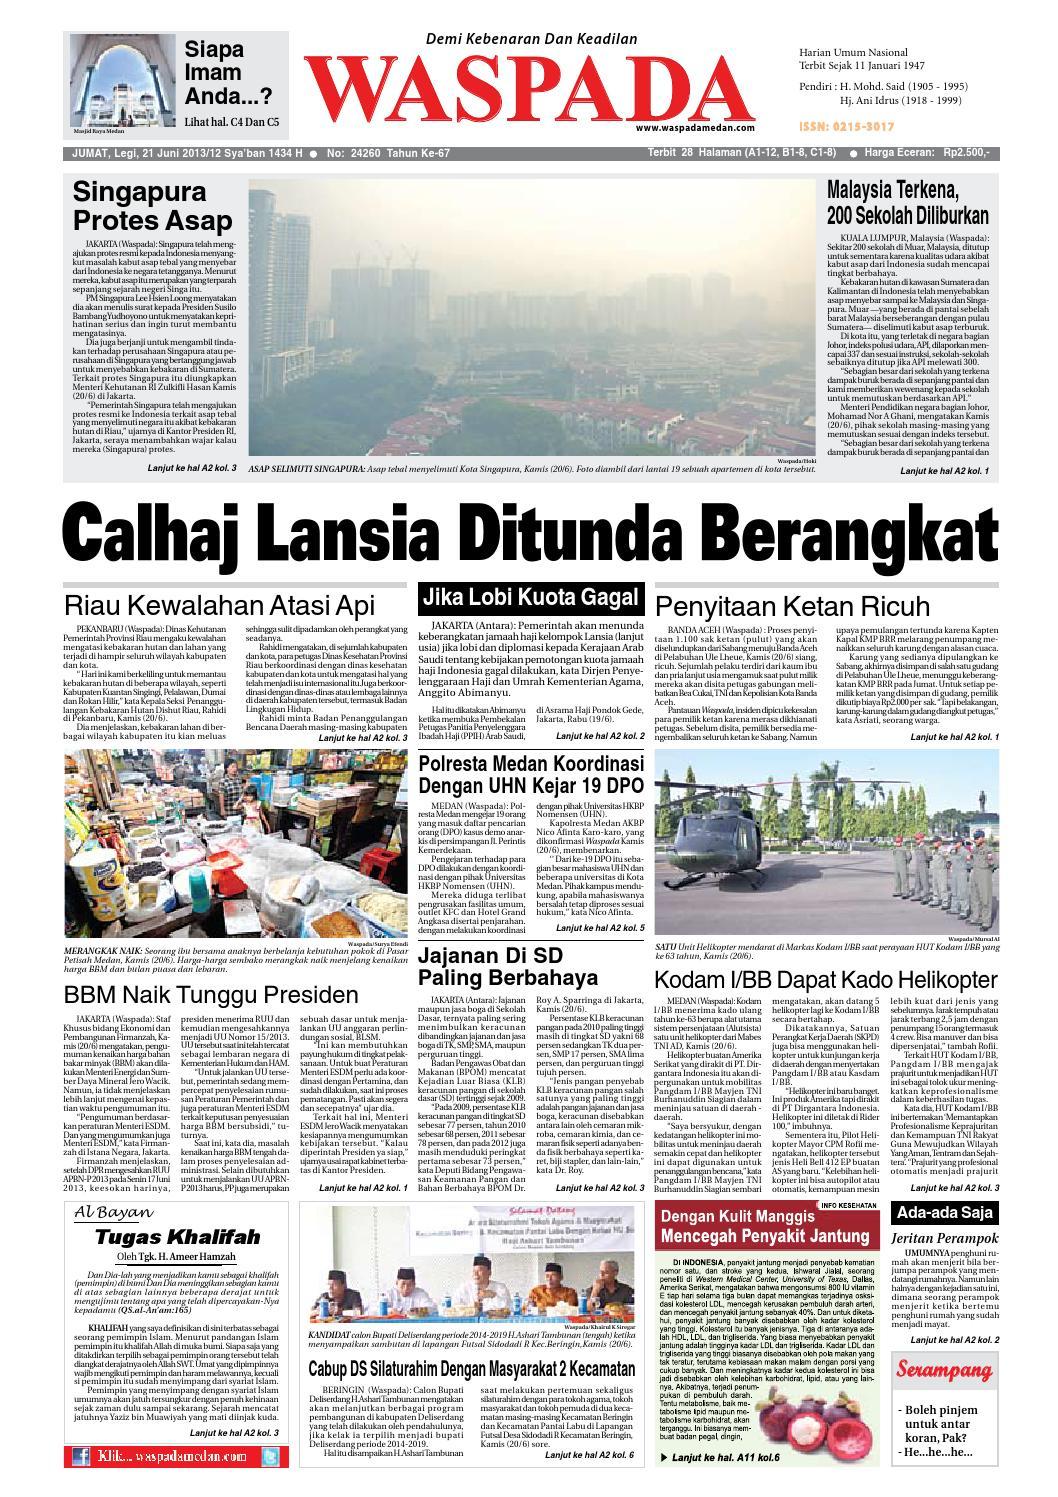 Waspada Jumat 21 Juni 2013 By Harian Waspada Issuu